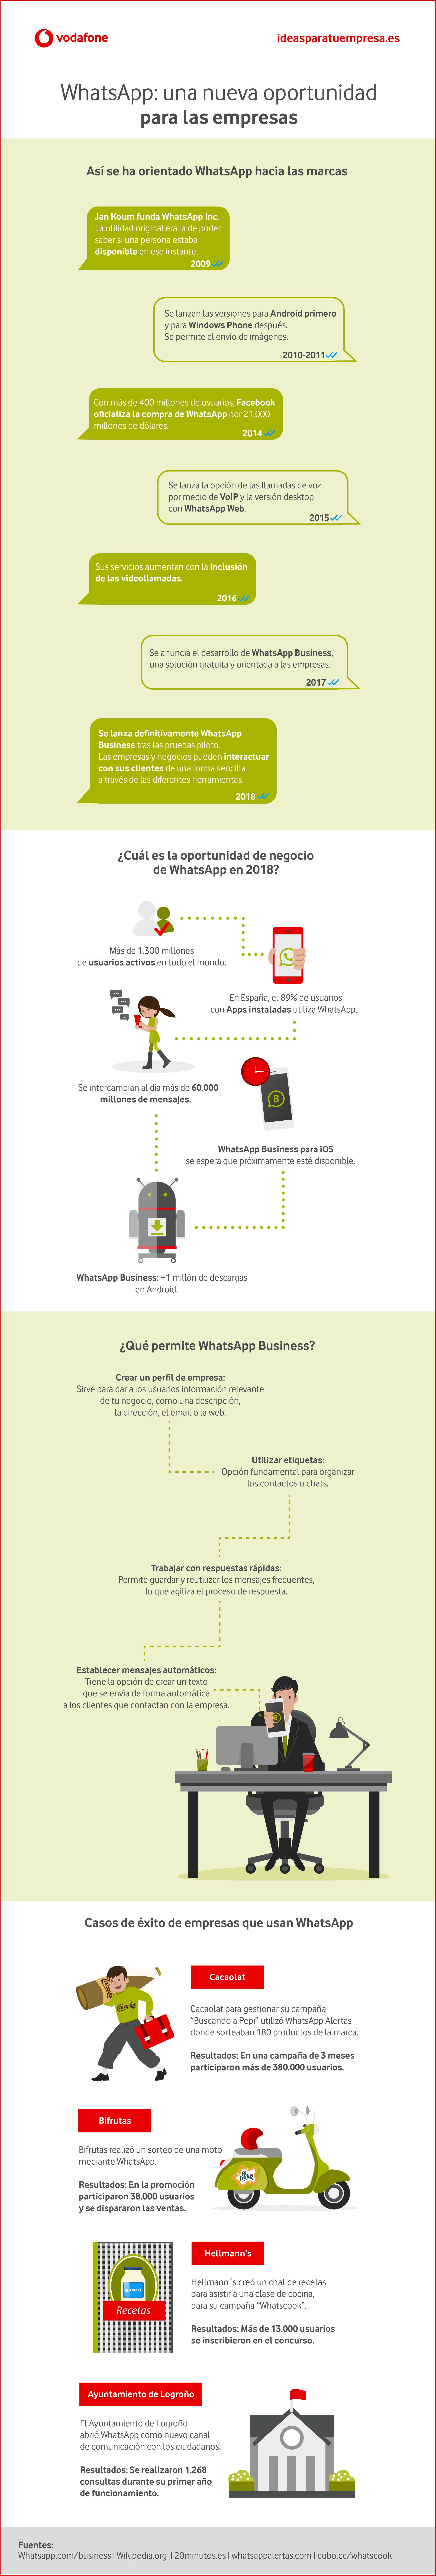 infografia_whatsapp